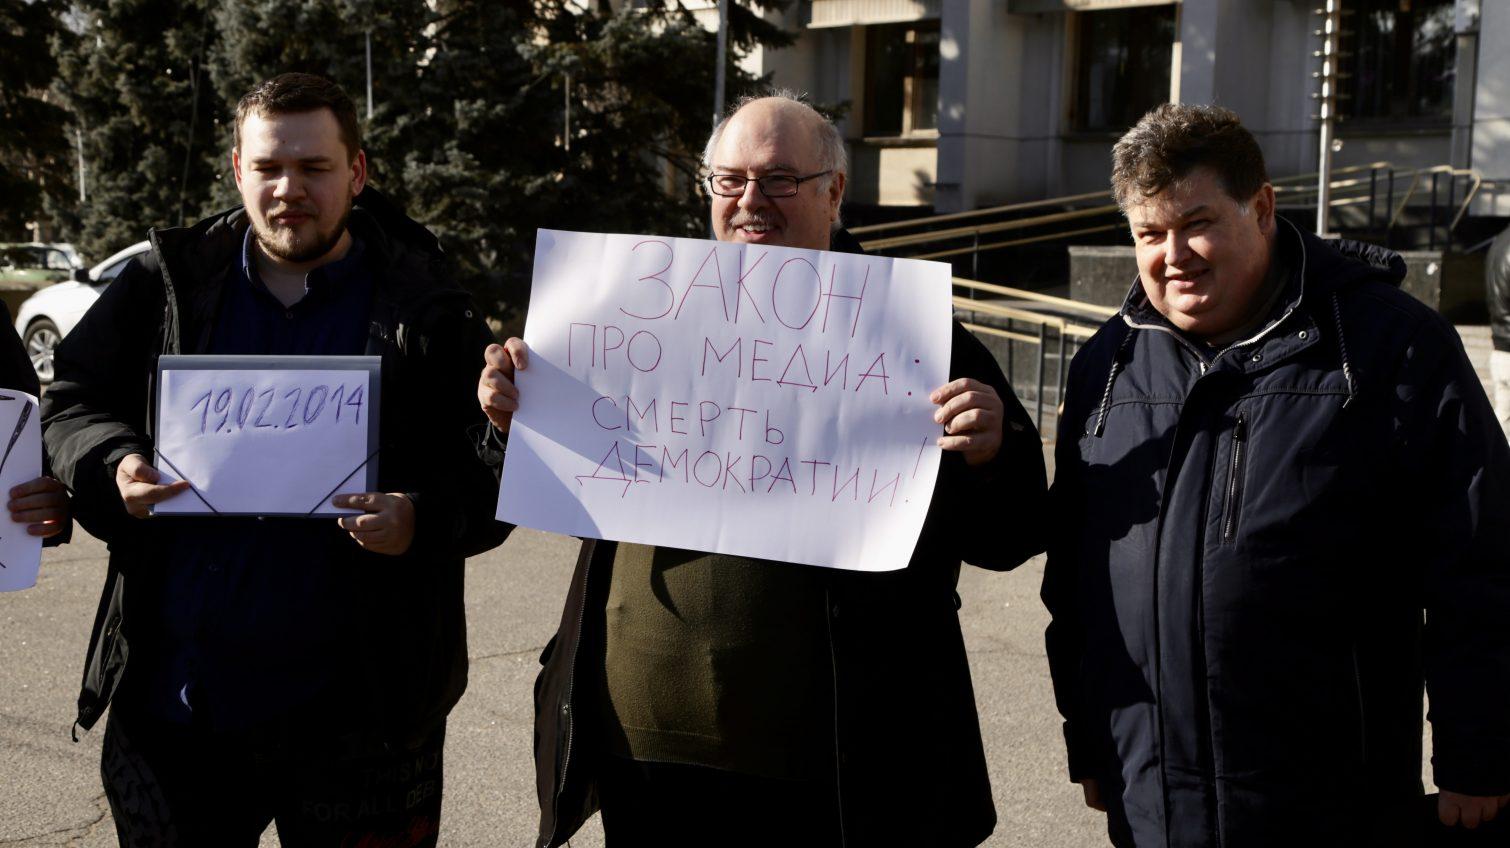 «Даже в России такого нет», – в Одессе митинговали против закона о фейках (фото) «фото»